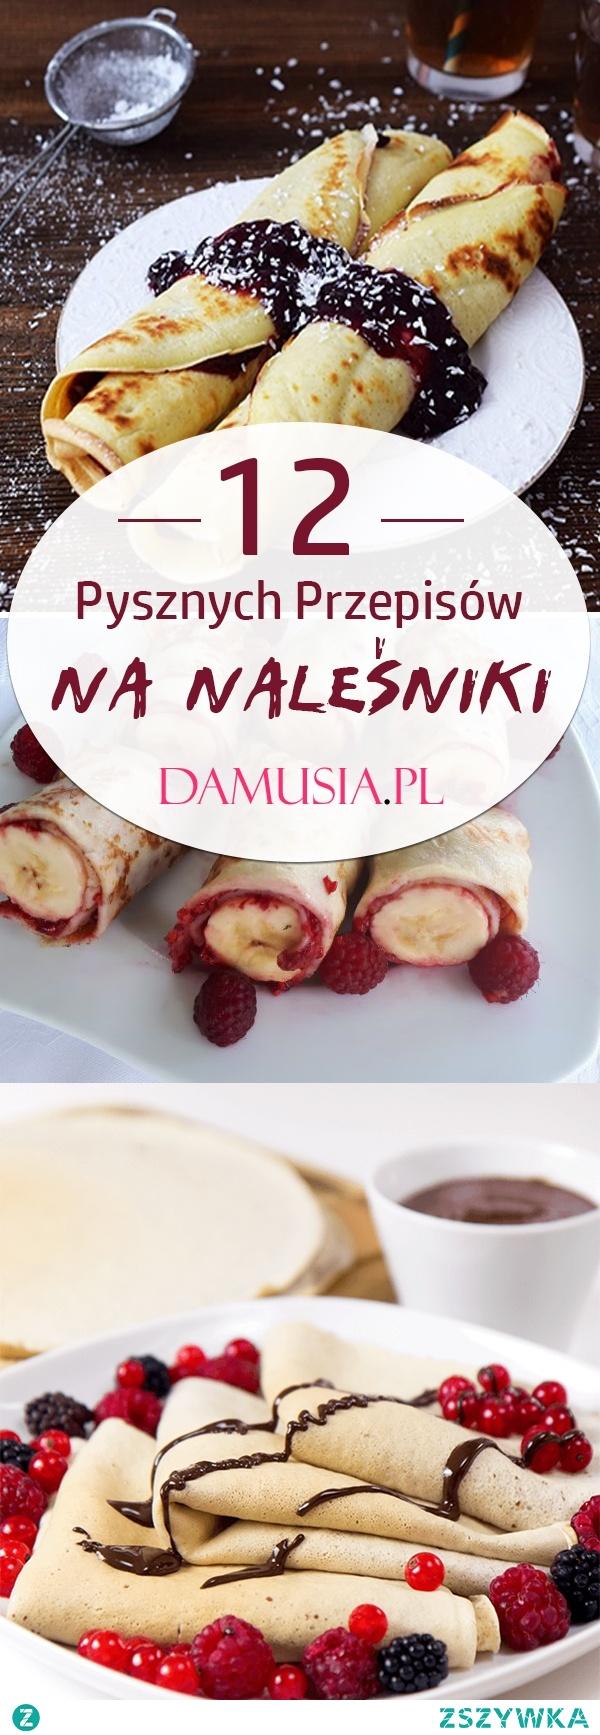 TOP 12 Przepisów na Domowe Naleśniki – Idealny Pomysł na Obiad w Słodkim Wydaniu